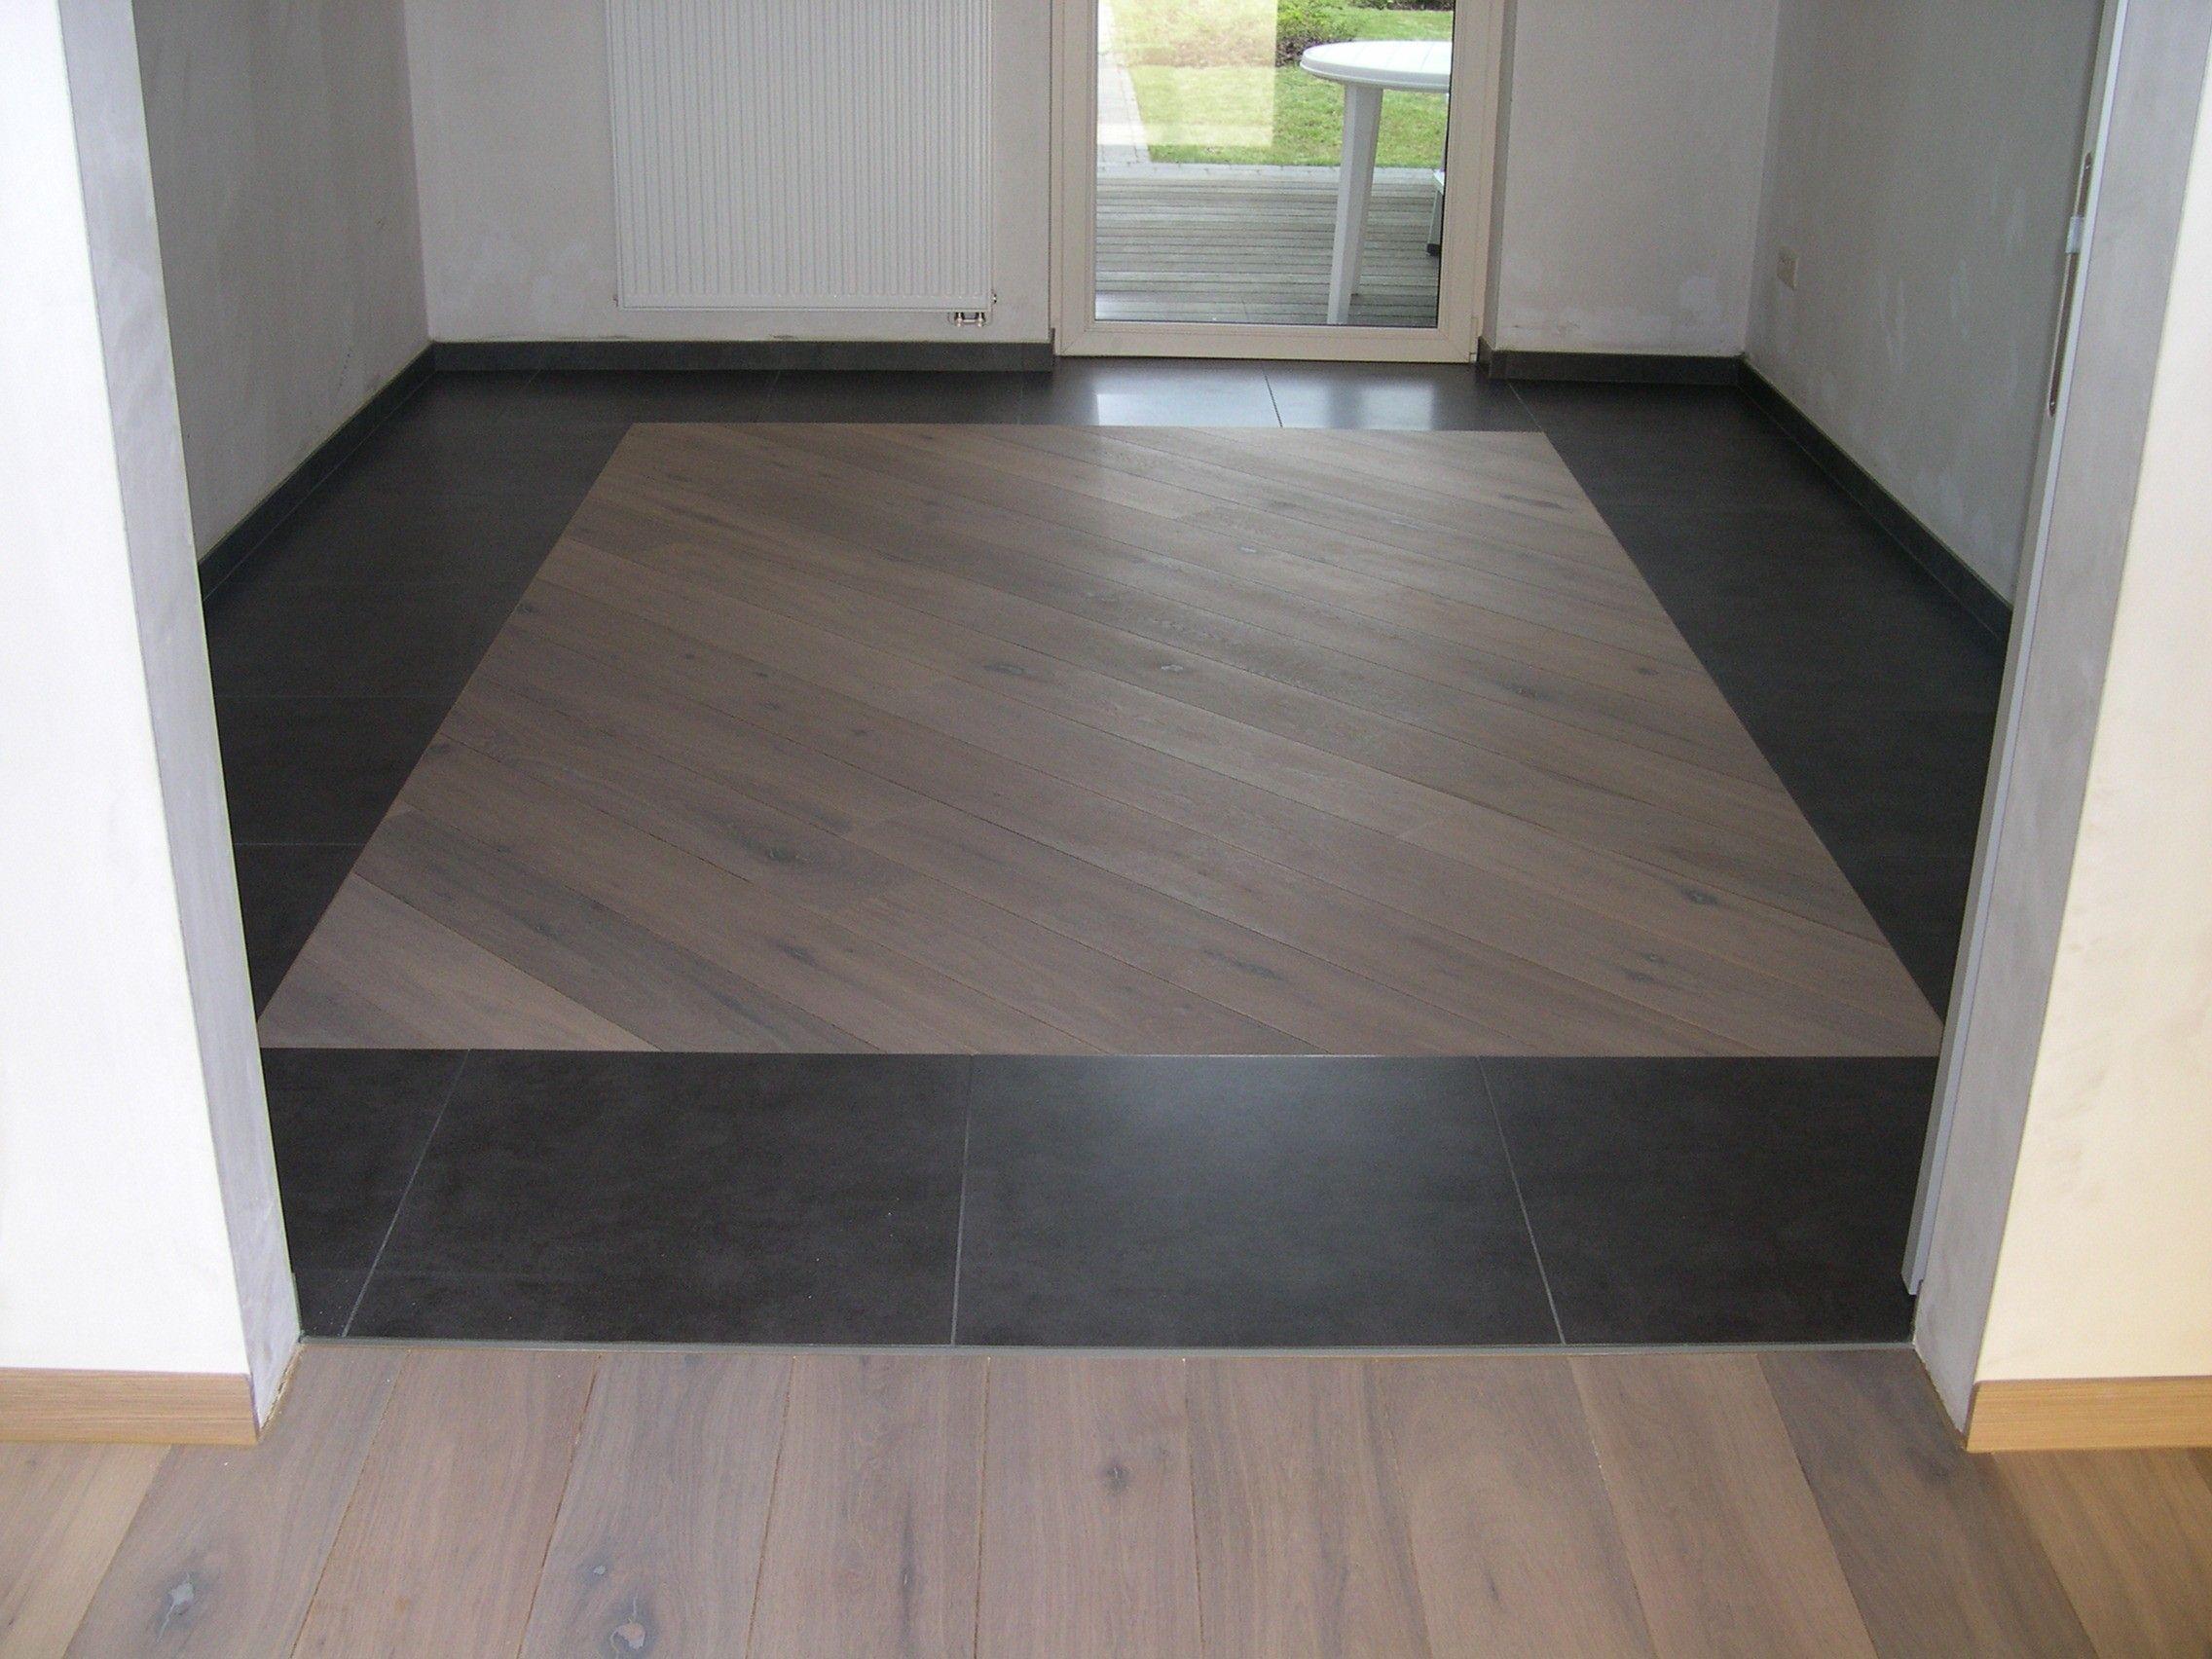 parket diagonaal tussen vloer te overpelt